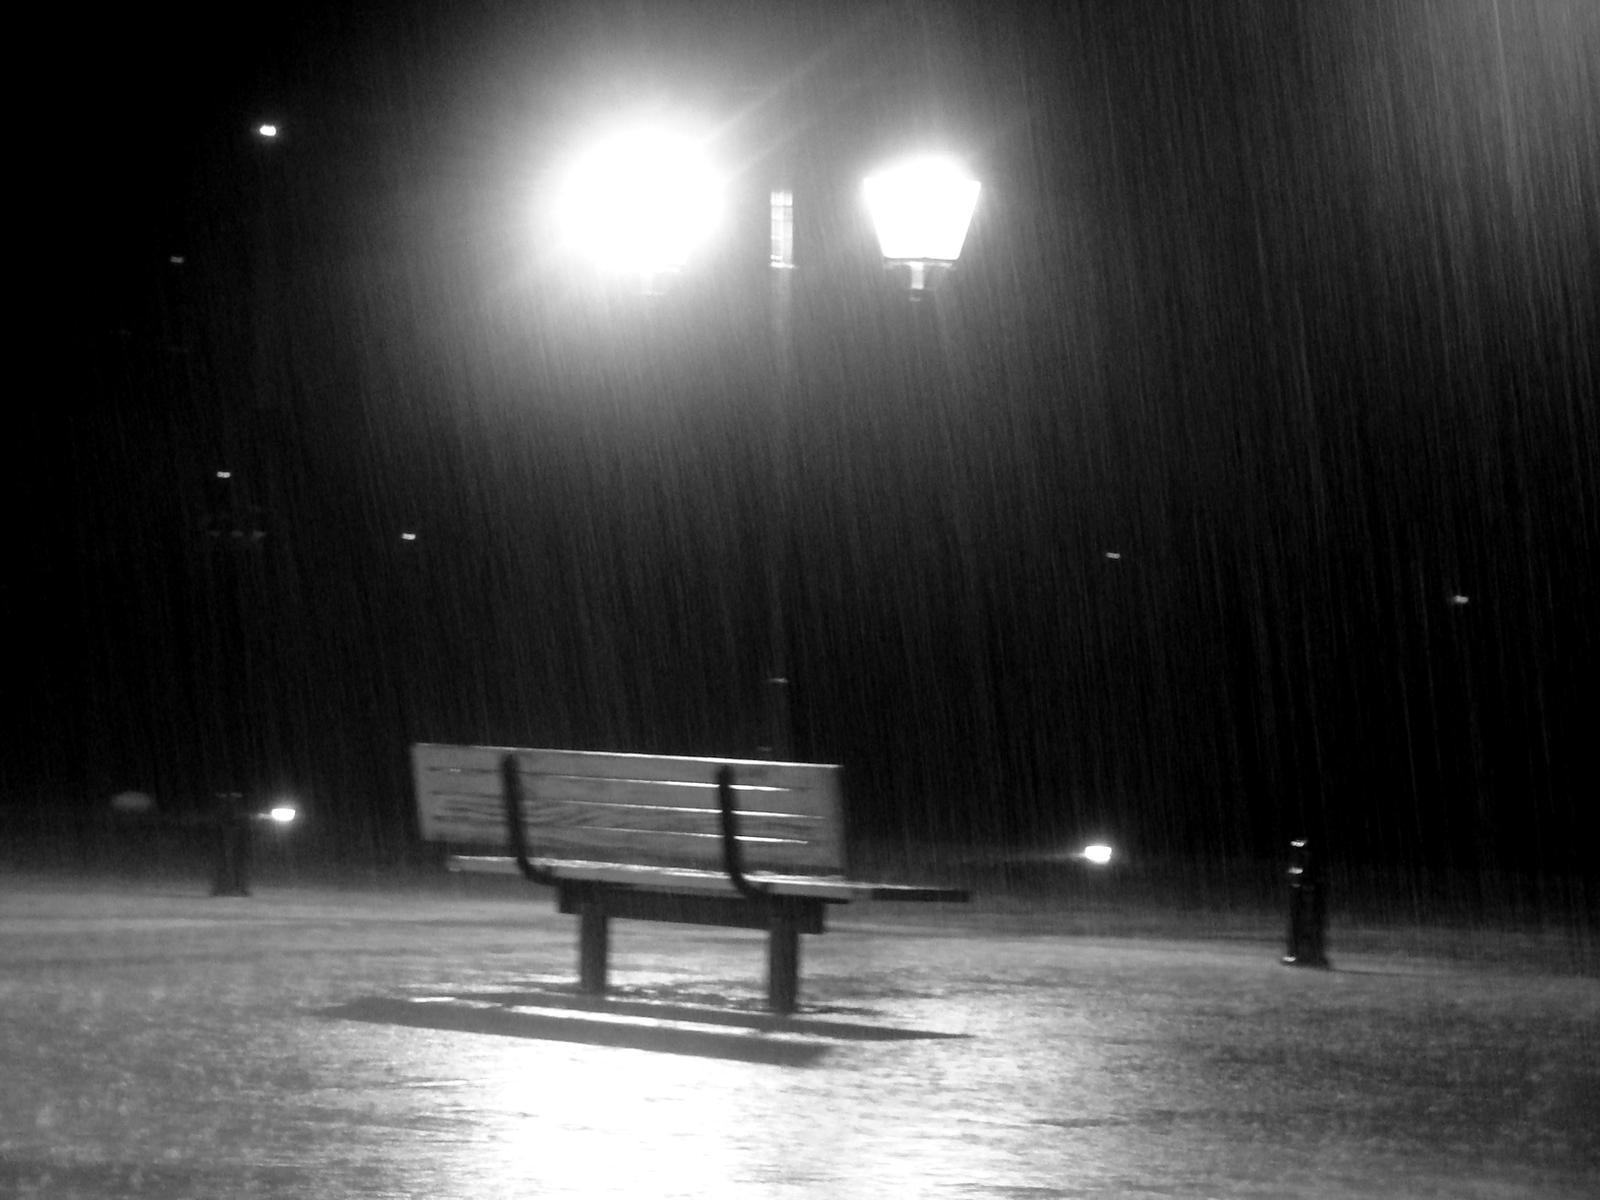 Pouring rain by AmmarkoV1